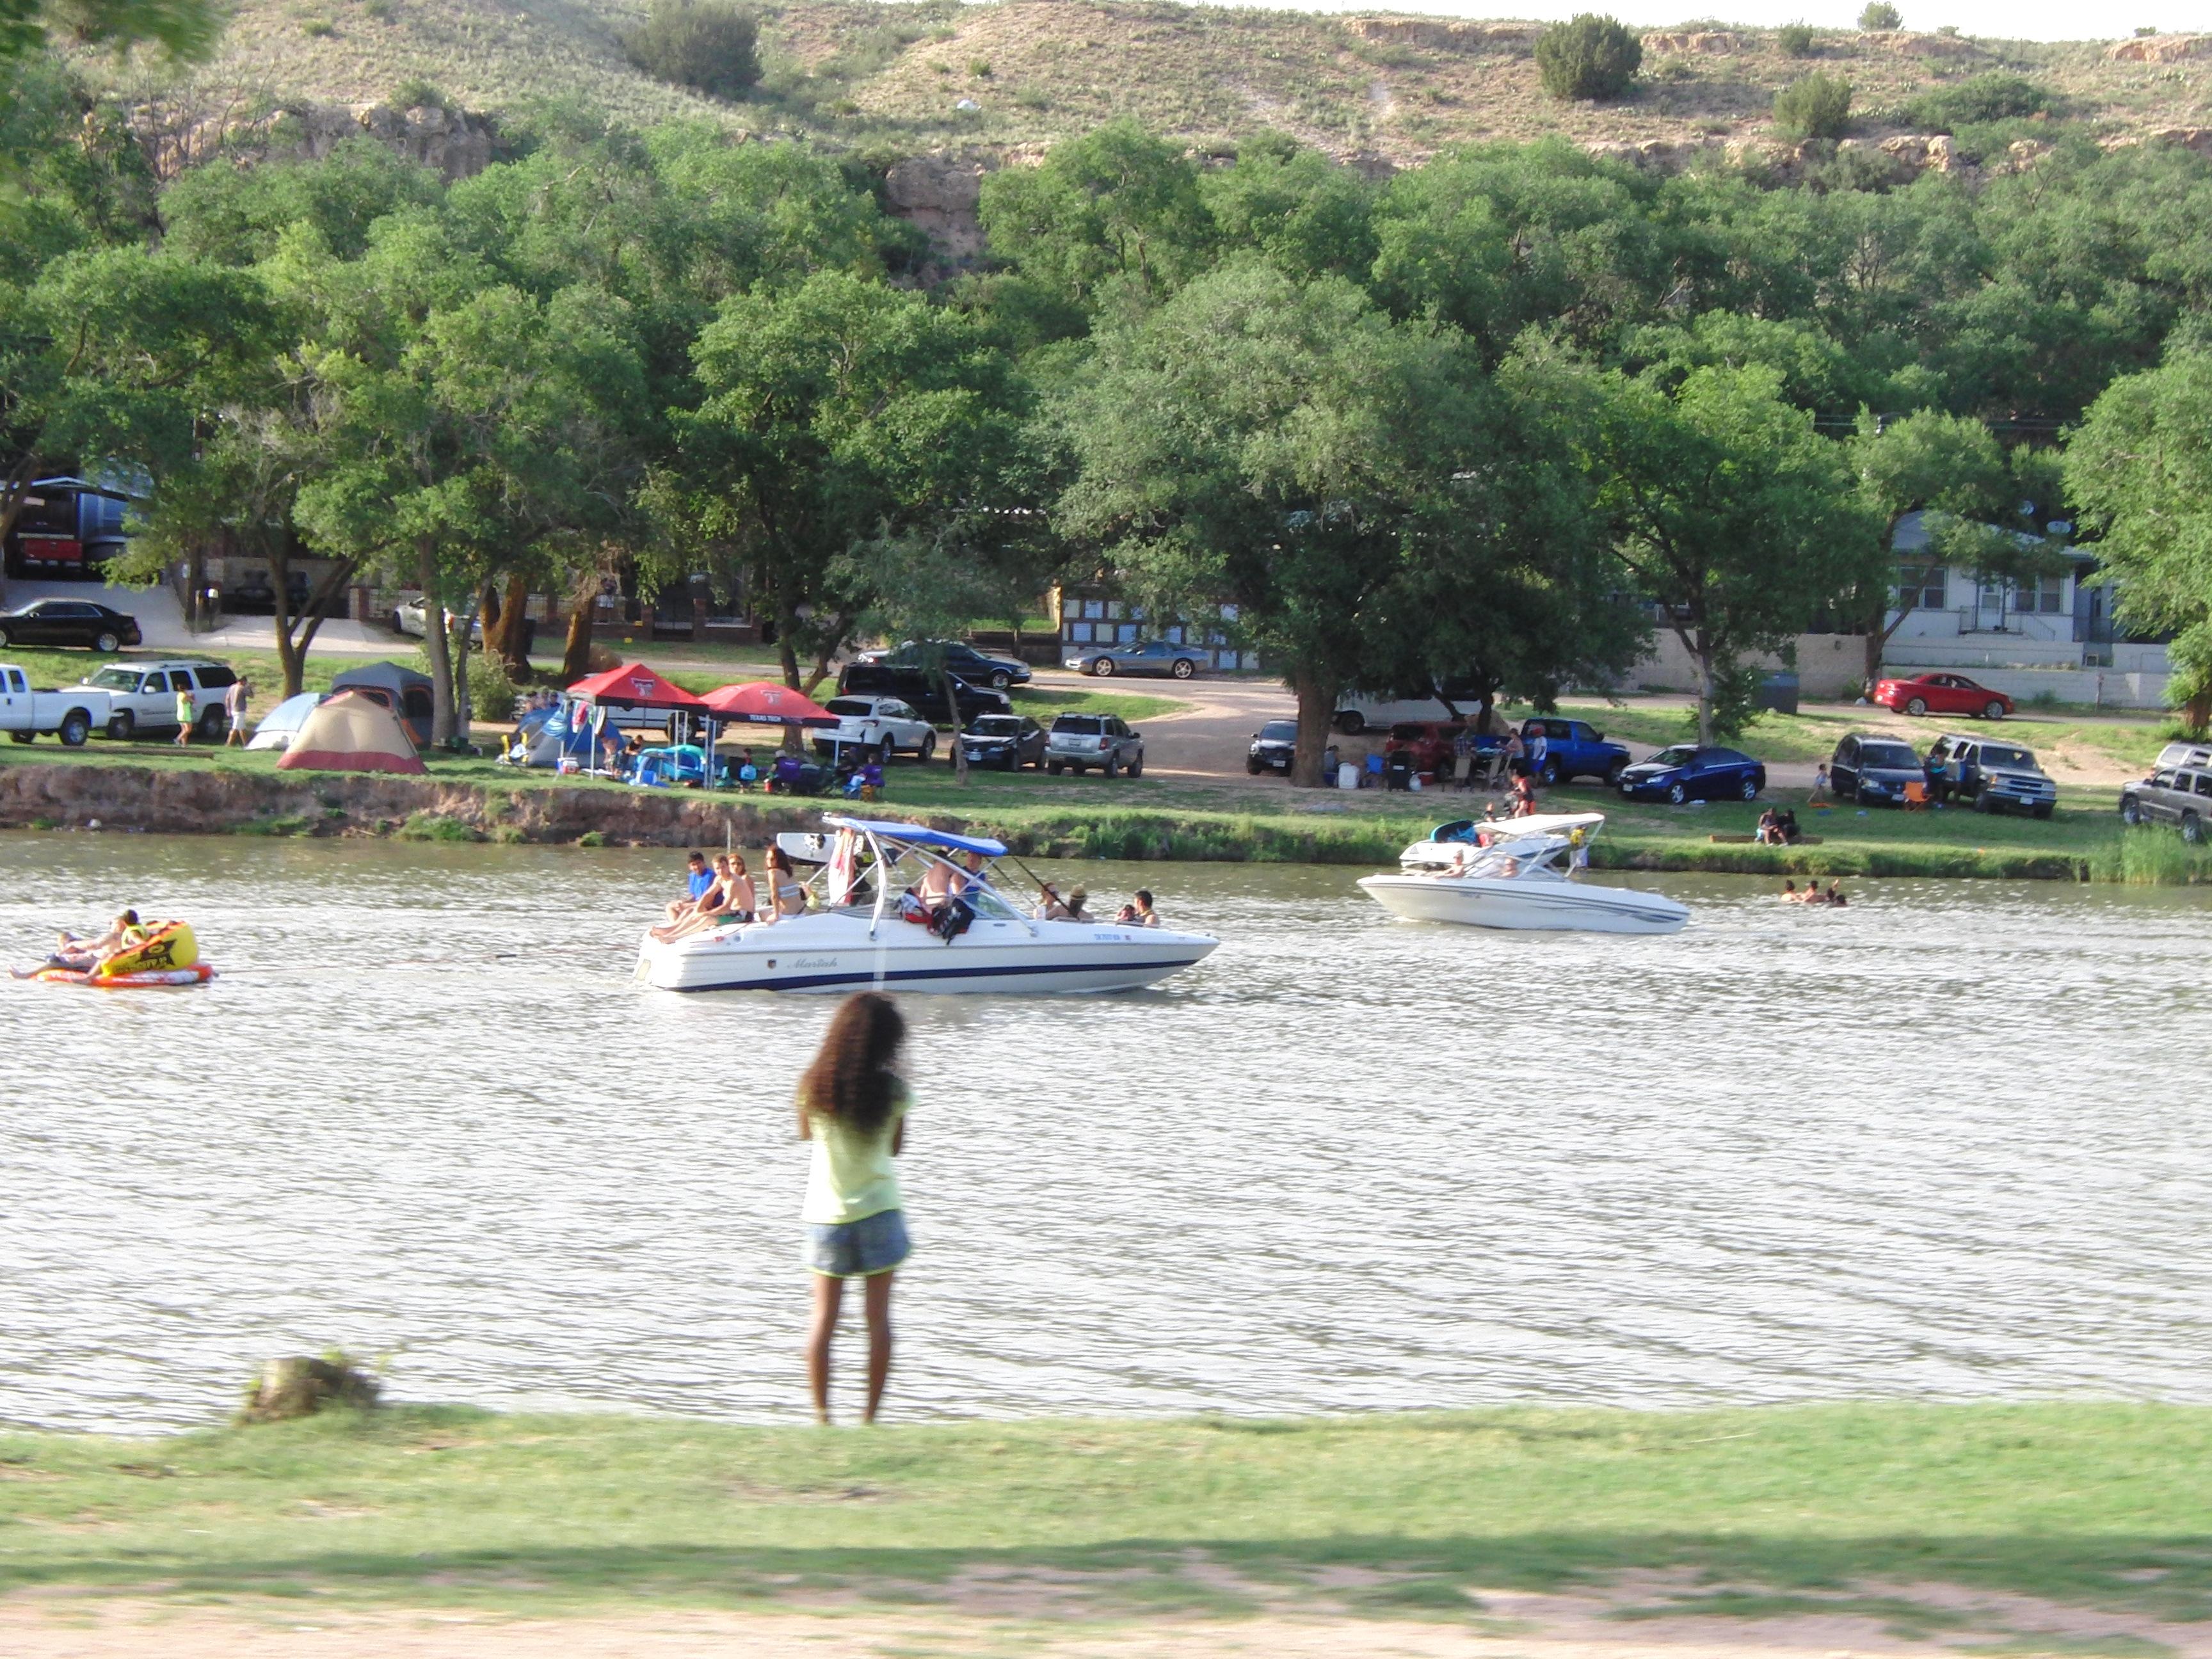 Buffalo's Roam in Lubbock Texas